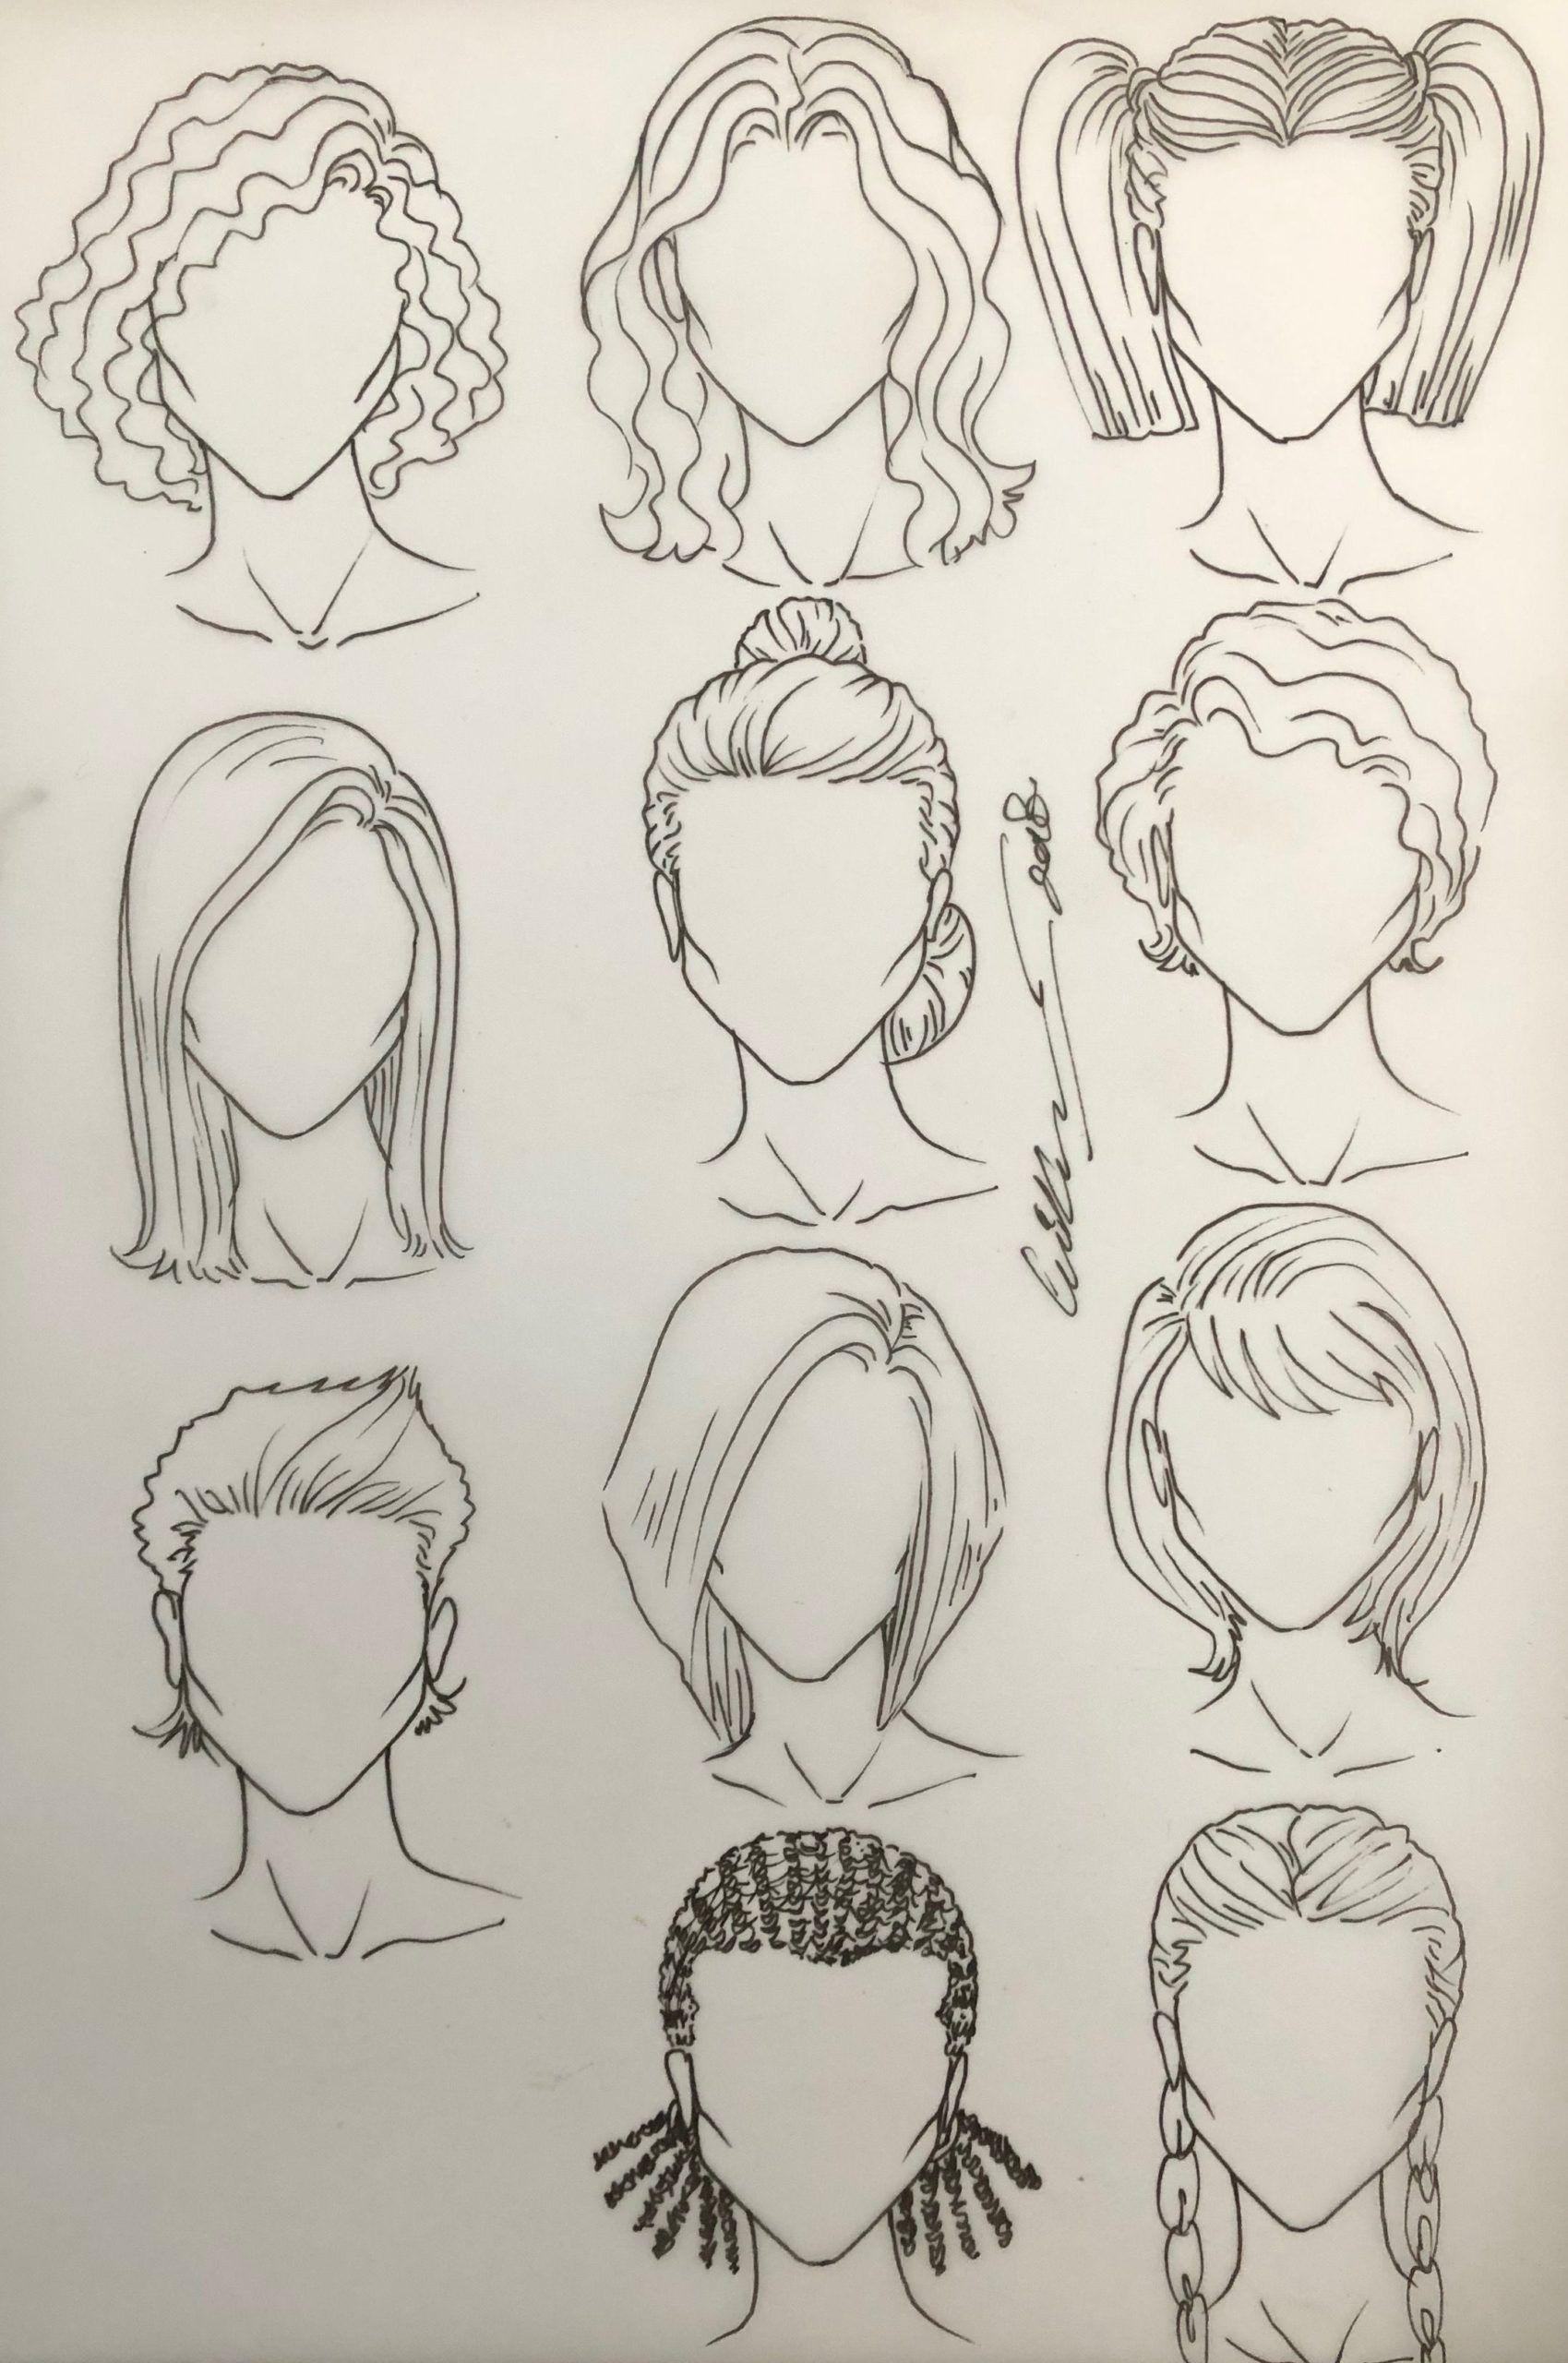 Weibliche Frisuren Dr Kappil Kishor Im Jahr 2019 Haarskizze Croquis Weibliche Frisur Frisuren Zeichnen Haare Zeichnen Weibliche Frisuren